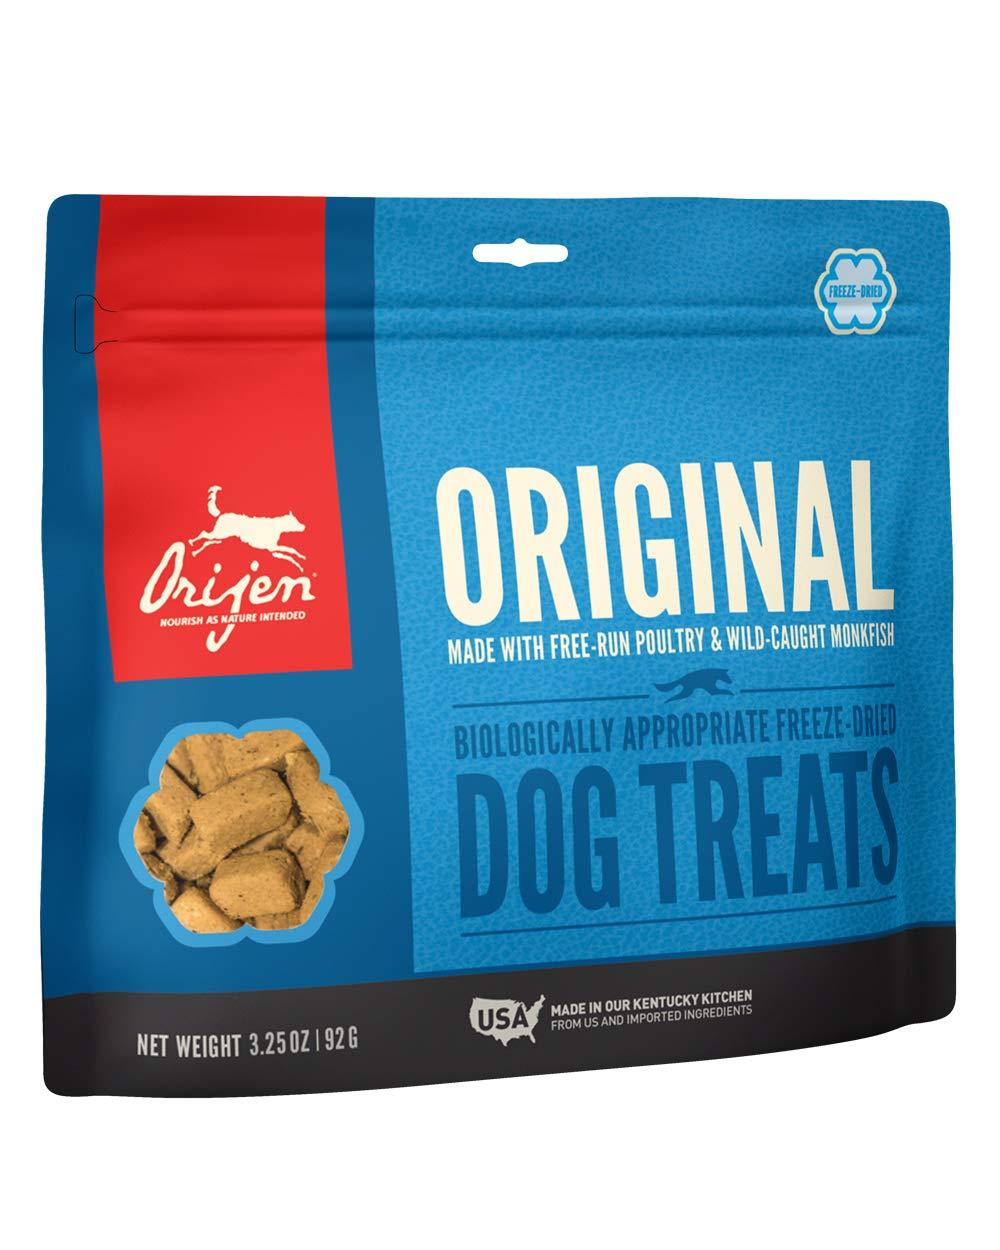 ORIJEN Freeze-Dried Dog Treats, Original, Biologically Appropriate & Grain Free by Orijen